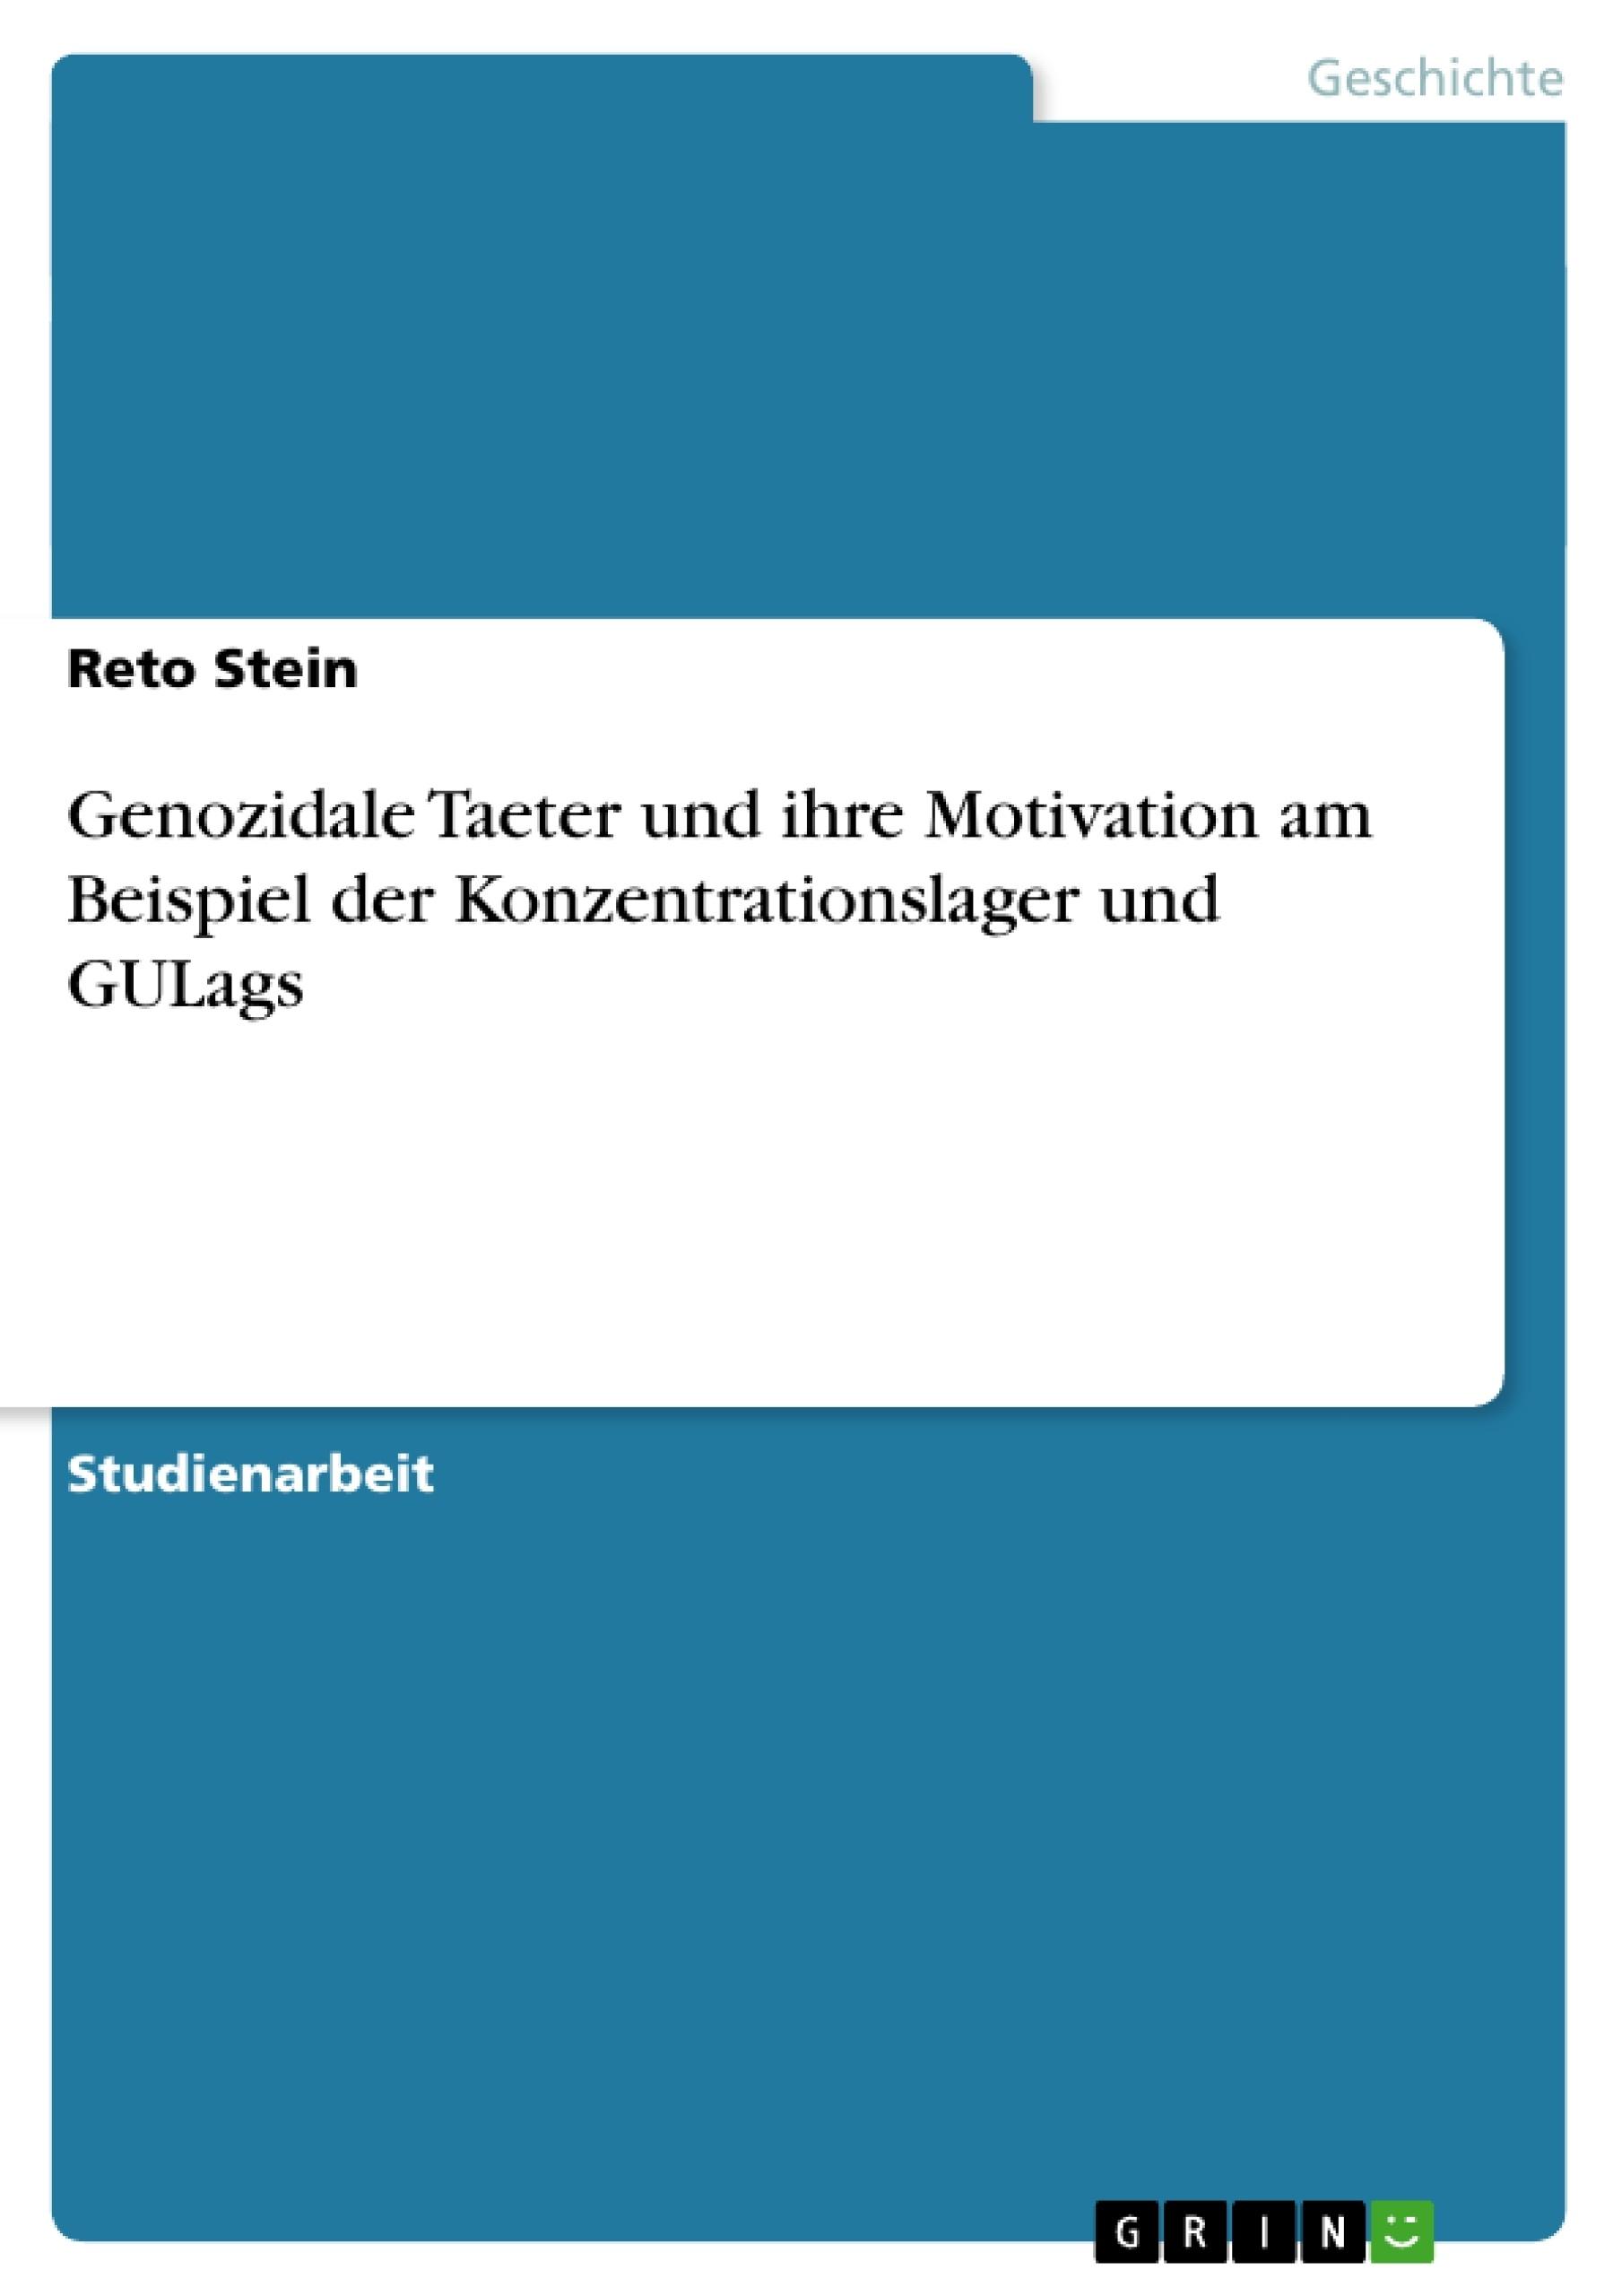 Titel: Genozidale Taeter und ihre Motivation am Beispiel der Konzentrationslager und GULags